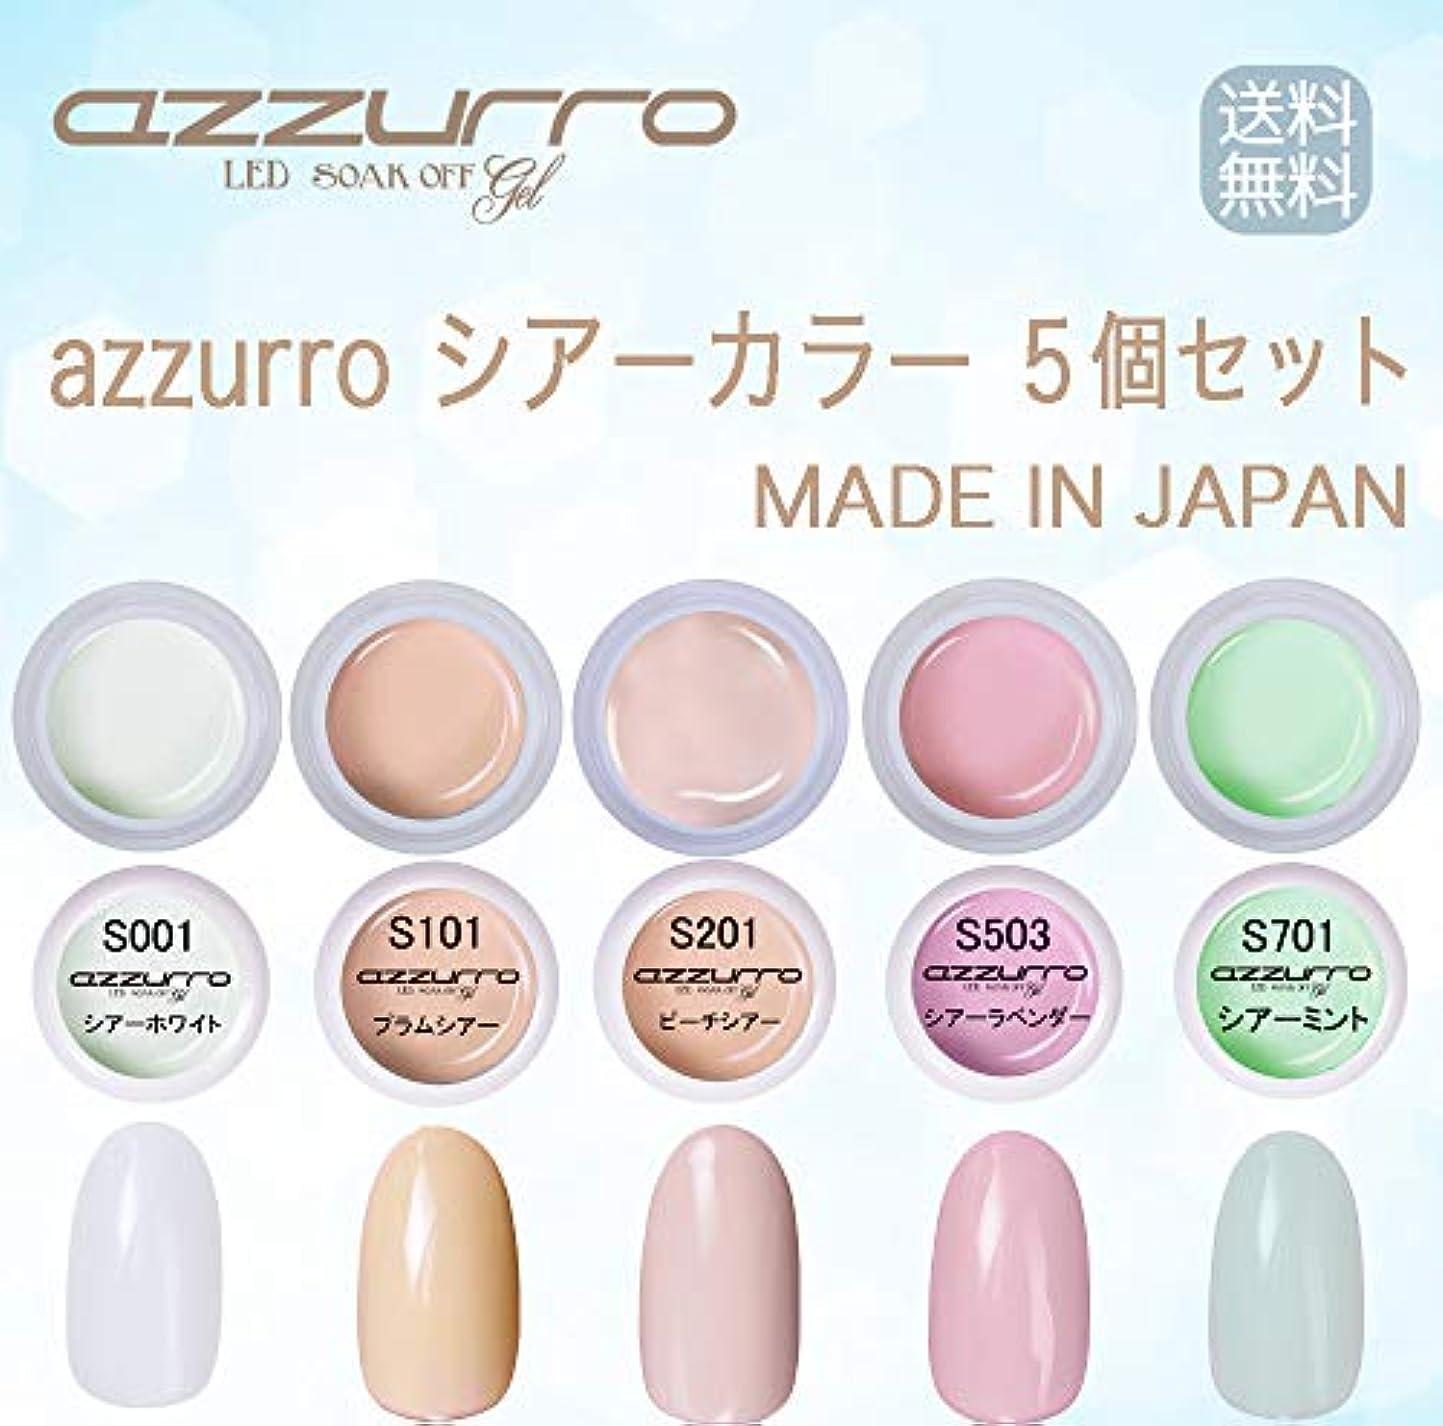 【送料無料】日本製 azzurro gel シアー カラージェル5個セット グラデーションにもピッタリなカラー